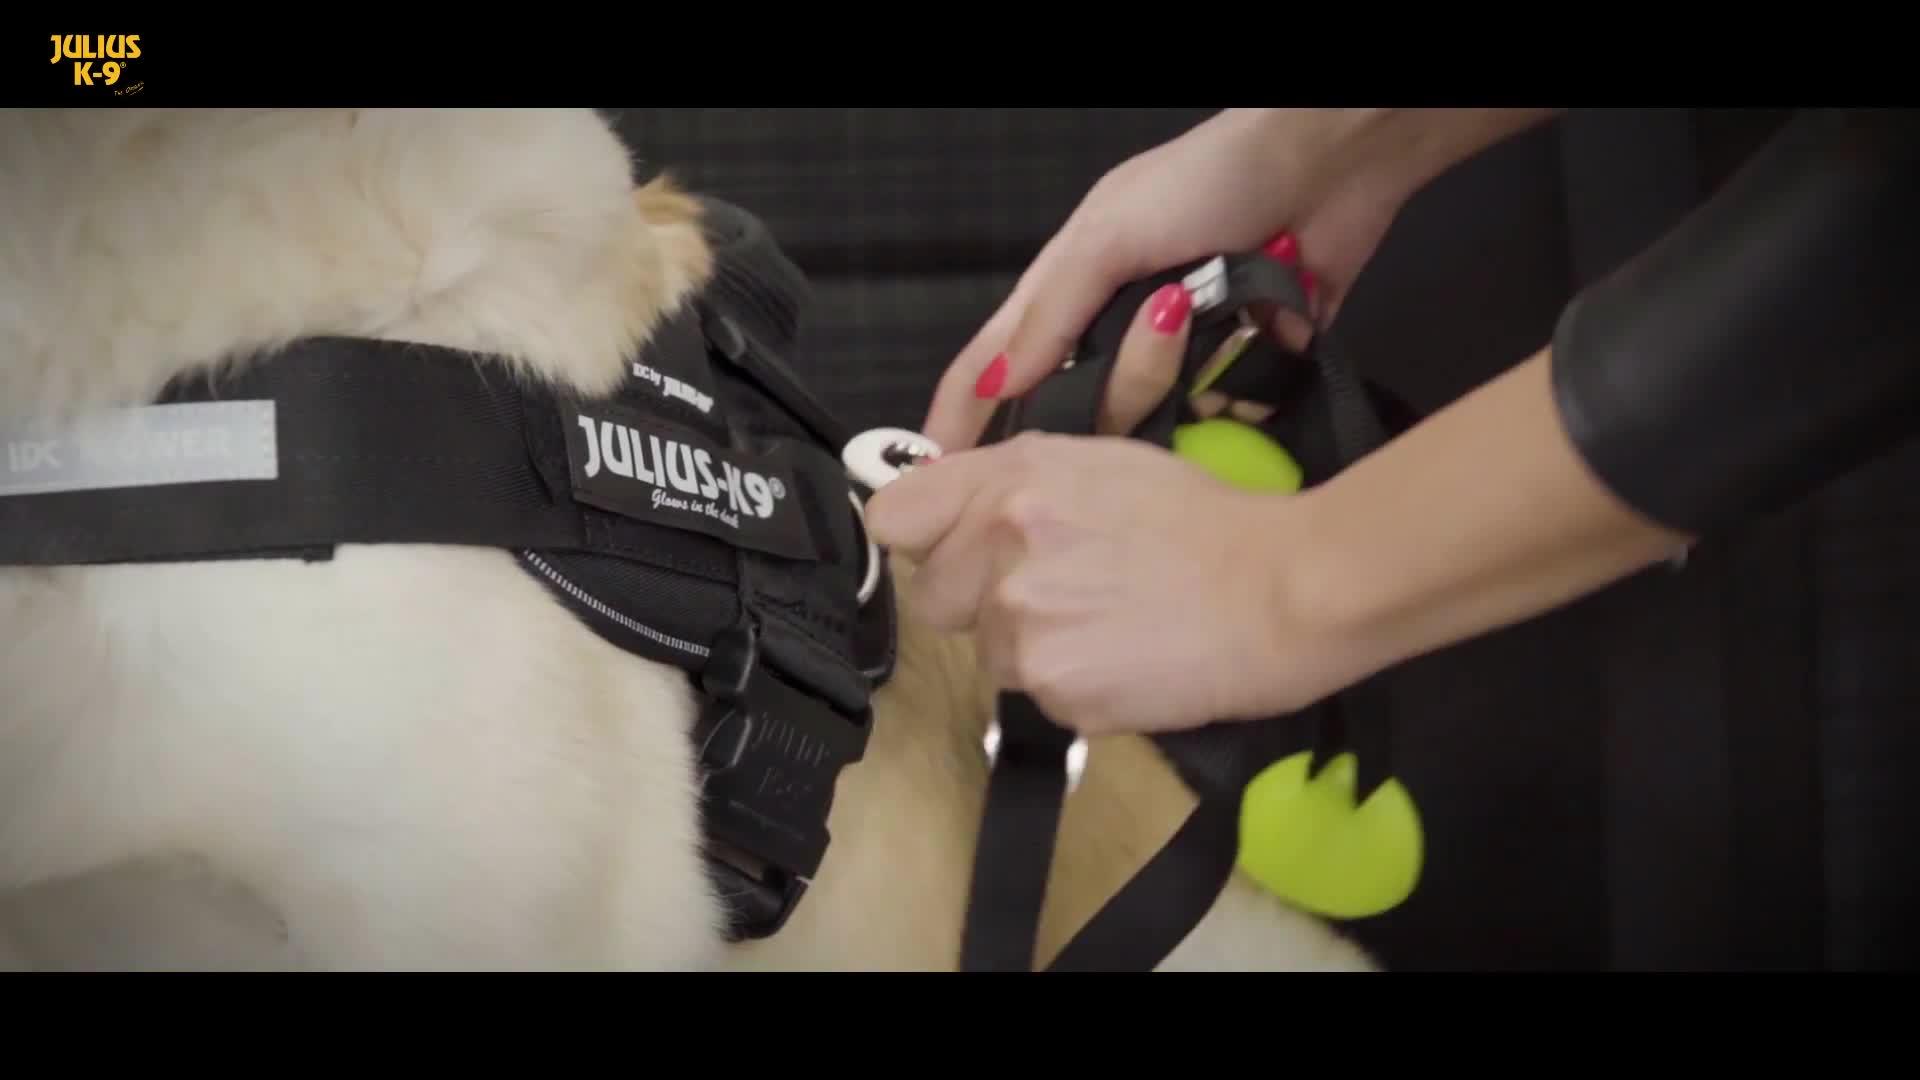 Julius K9 16sd Stopdog Autoleine Für Hunde Haustier